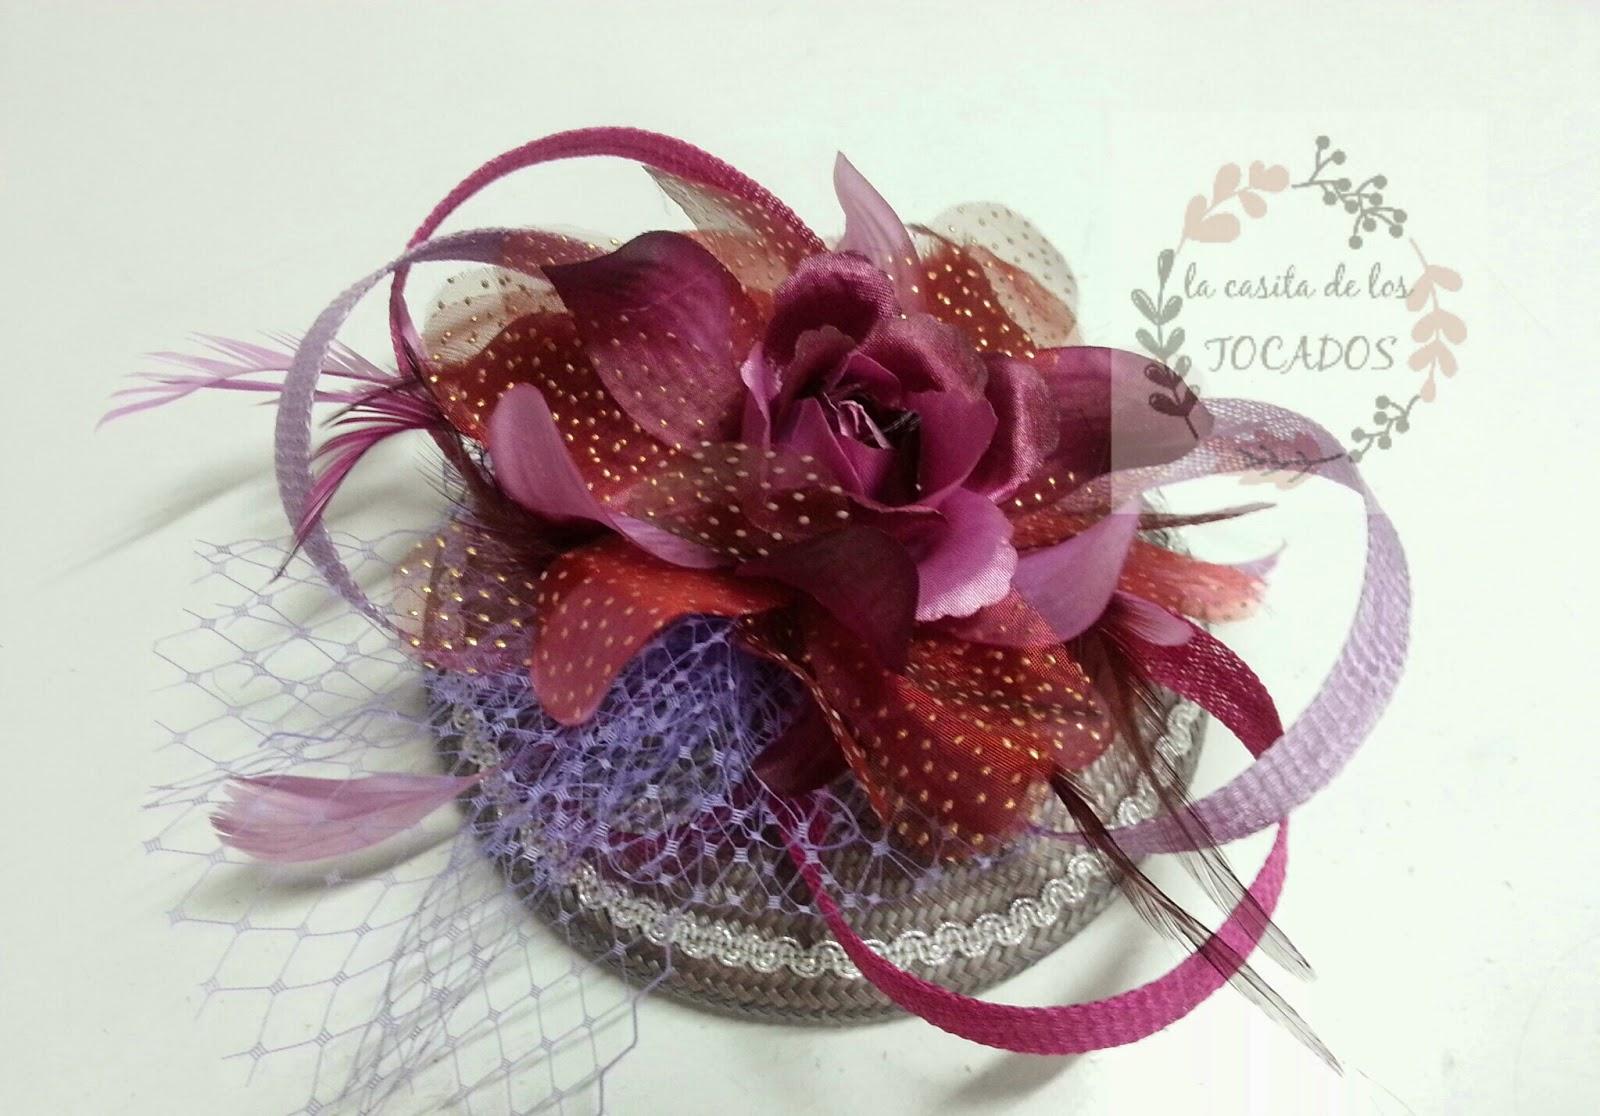 tocado con base de buntal y adornos de sinamay flor de varios tonos para boda